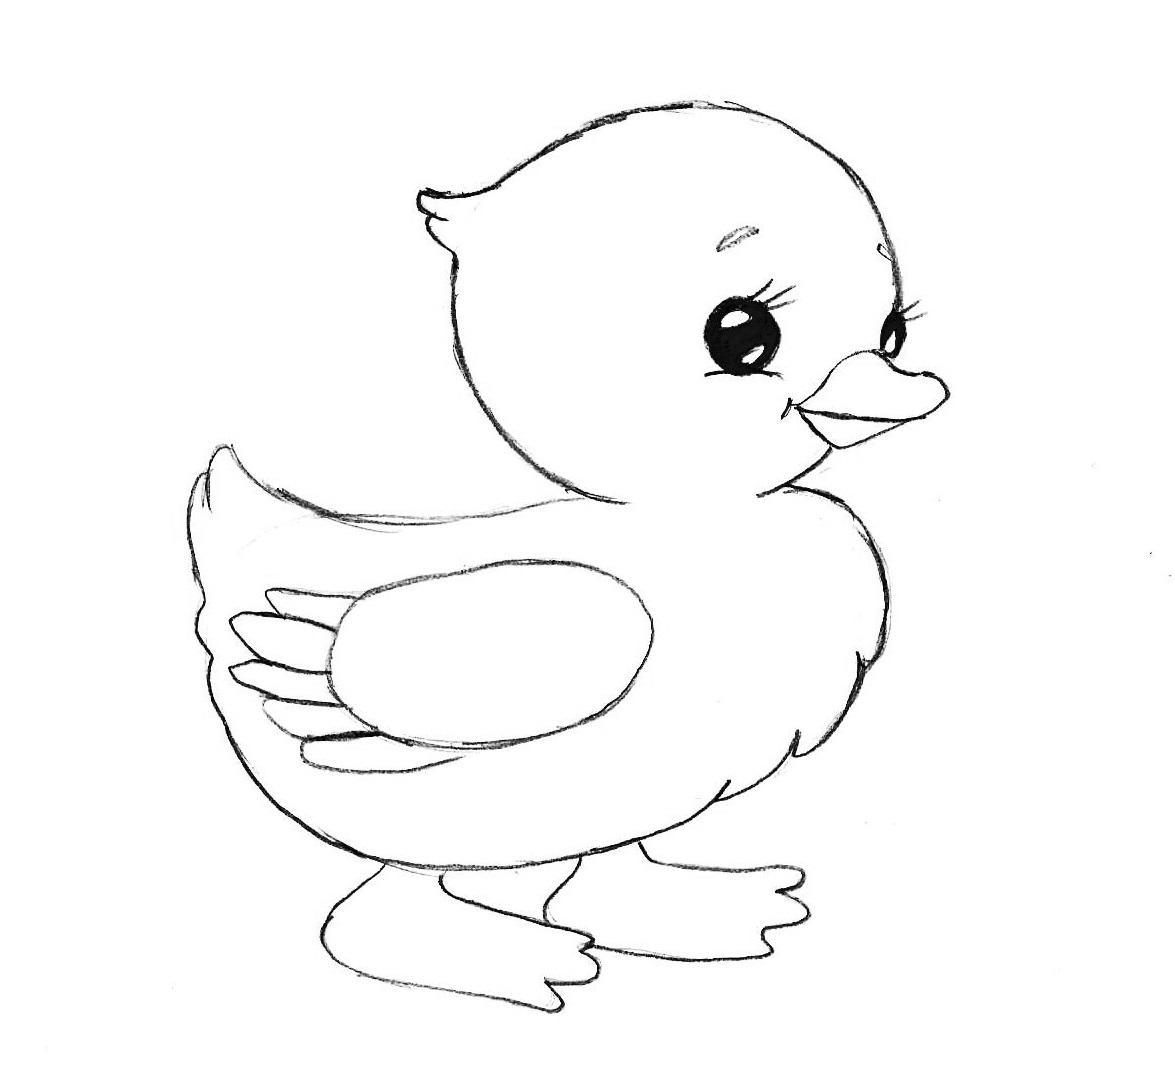 Птицы Нарисовать поэтапно животных, утенок Раскраски скачать бесплатно